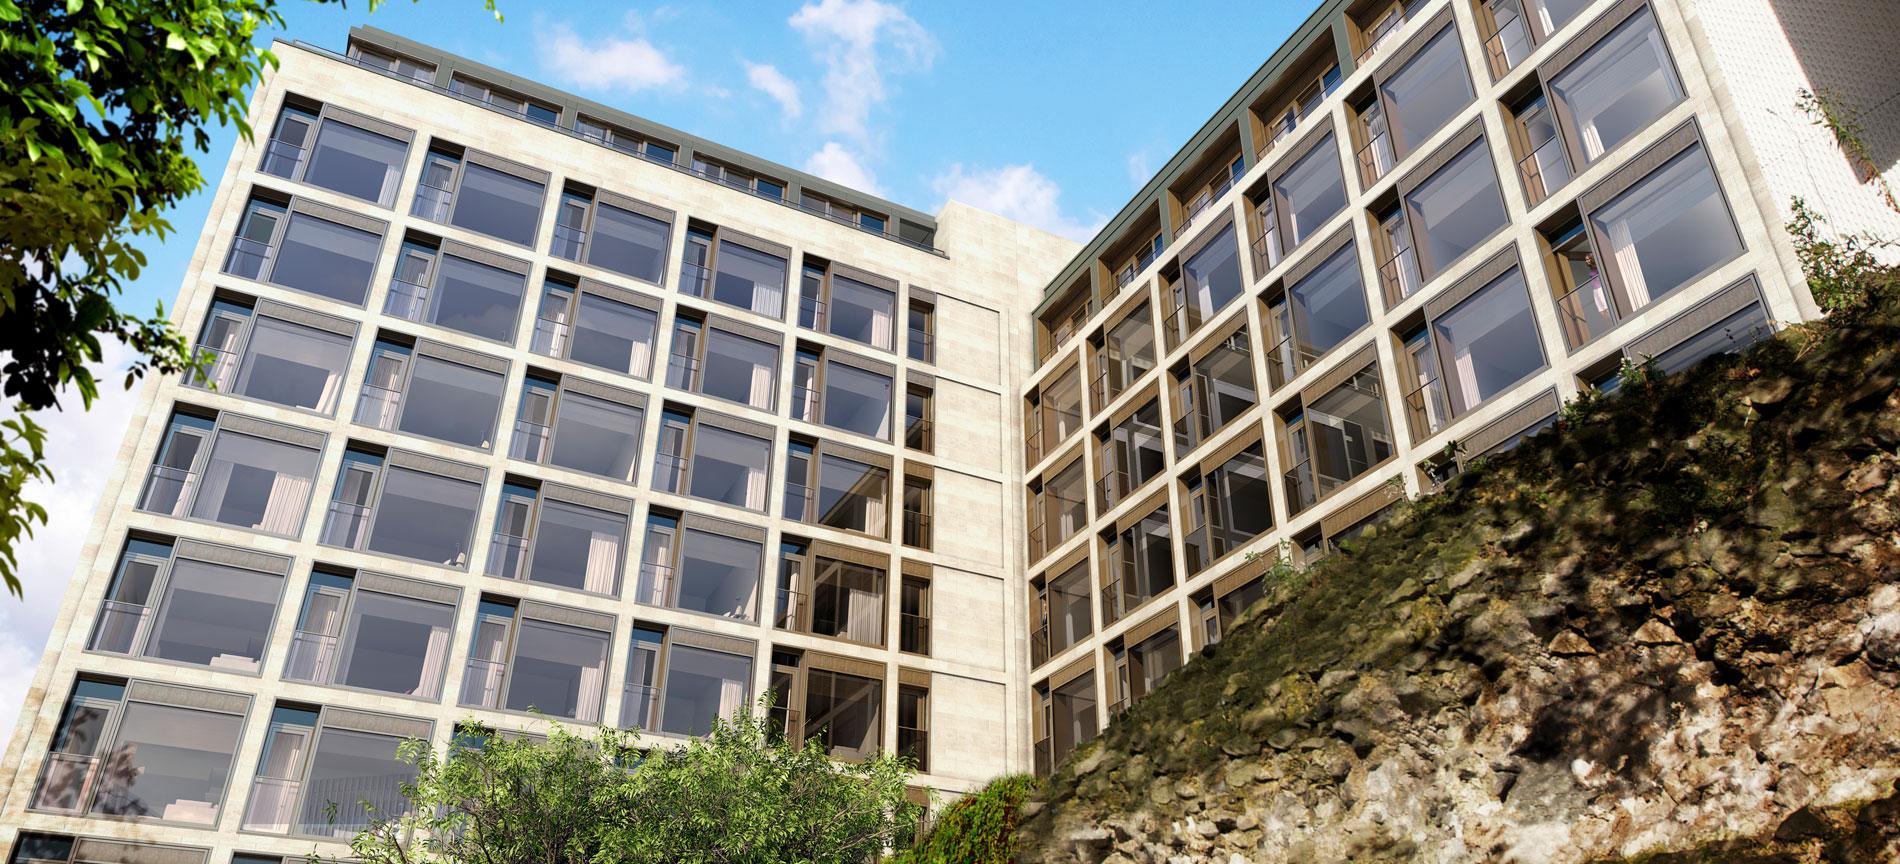 GRID Architects | Montrose Place